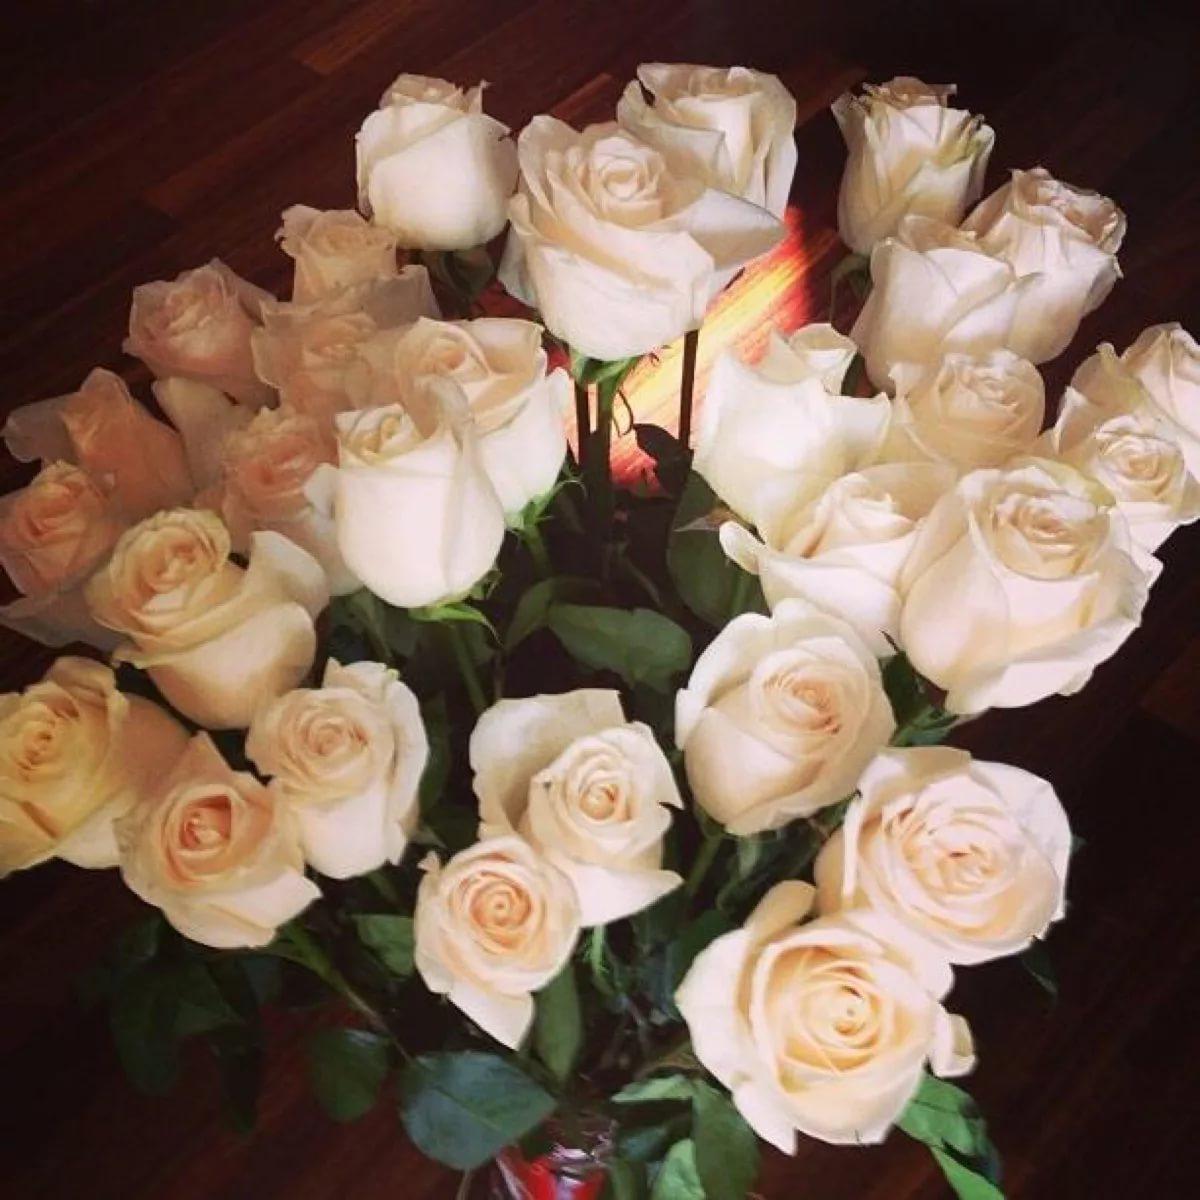 фото подаренных цветов днем знакомый